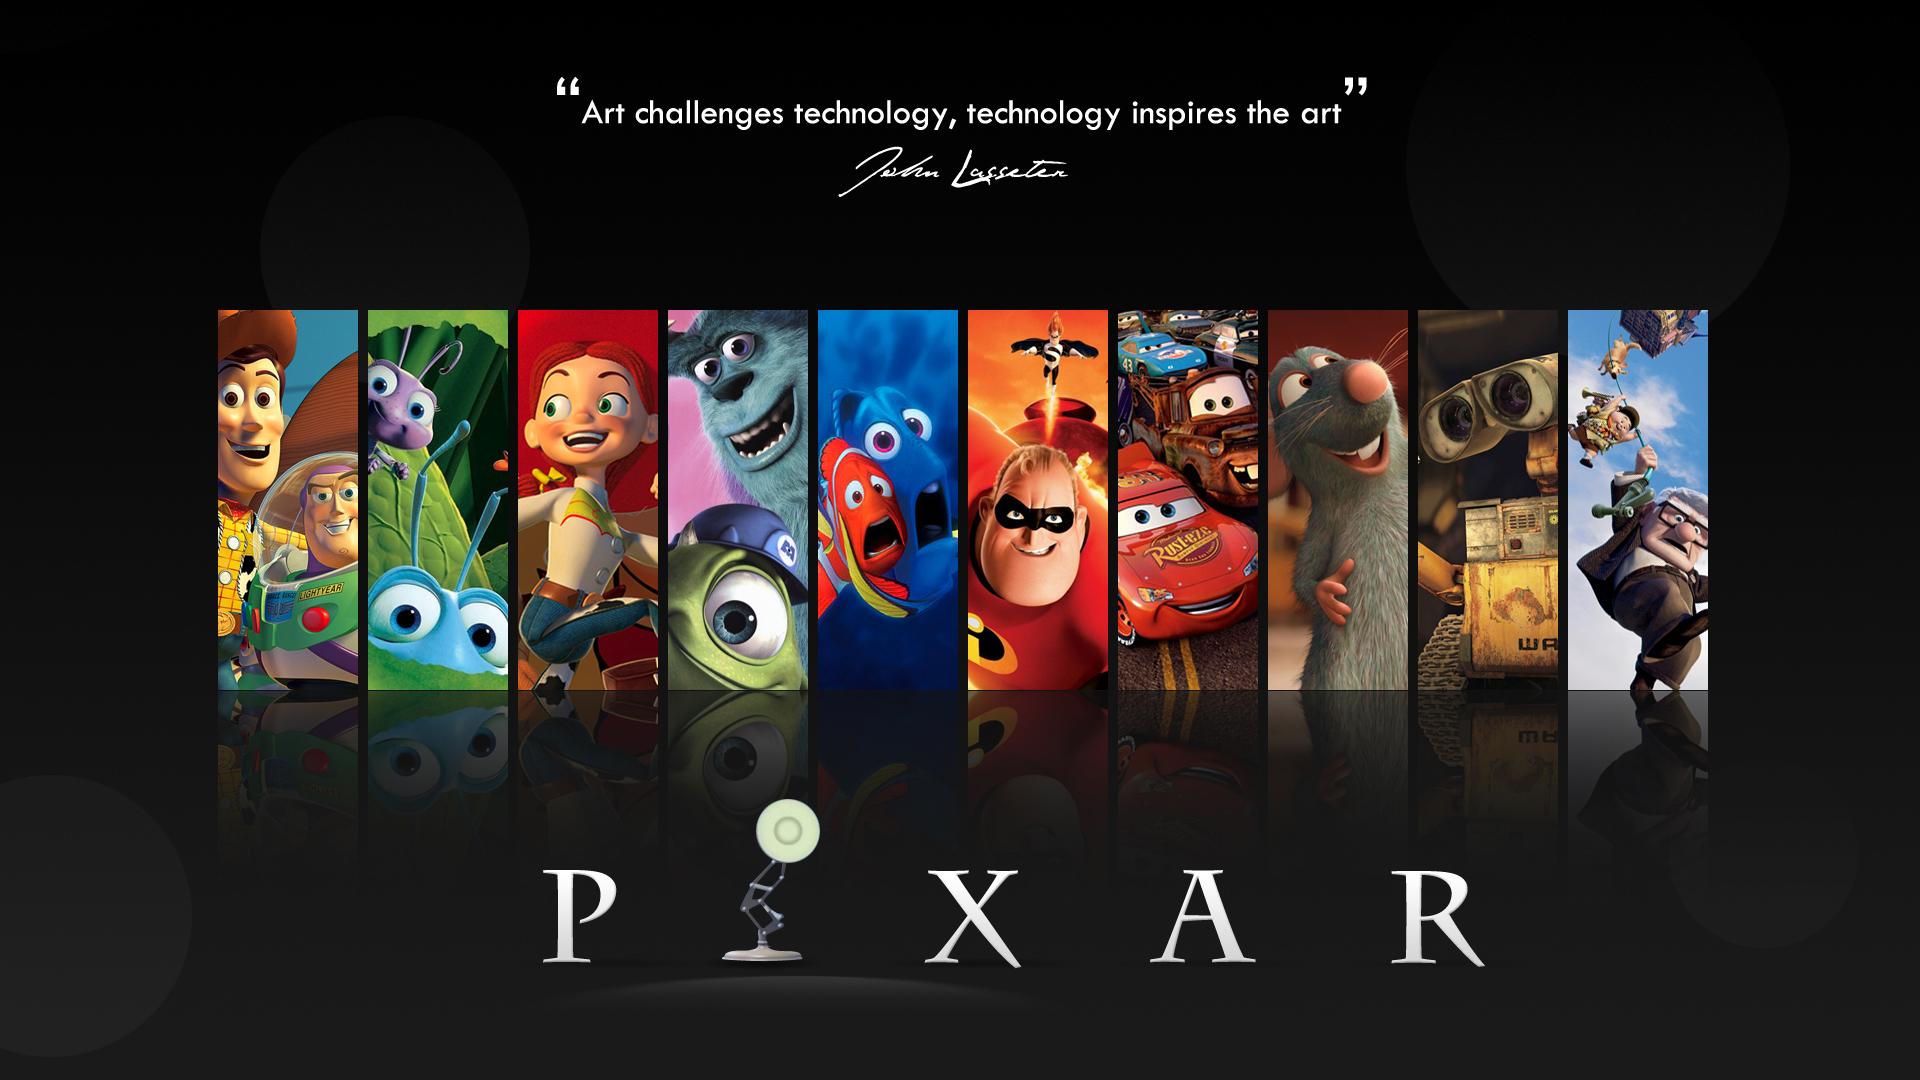 Movies Wallpapers Pixar Movies Myspace Backgrounds Pixar Movies 1920x1080